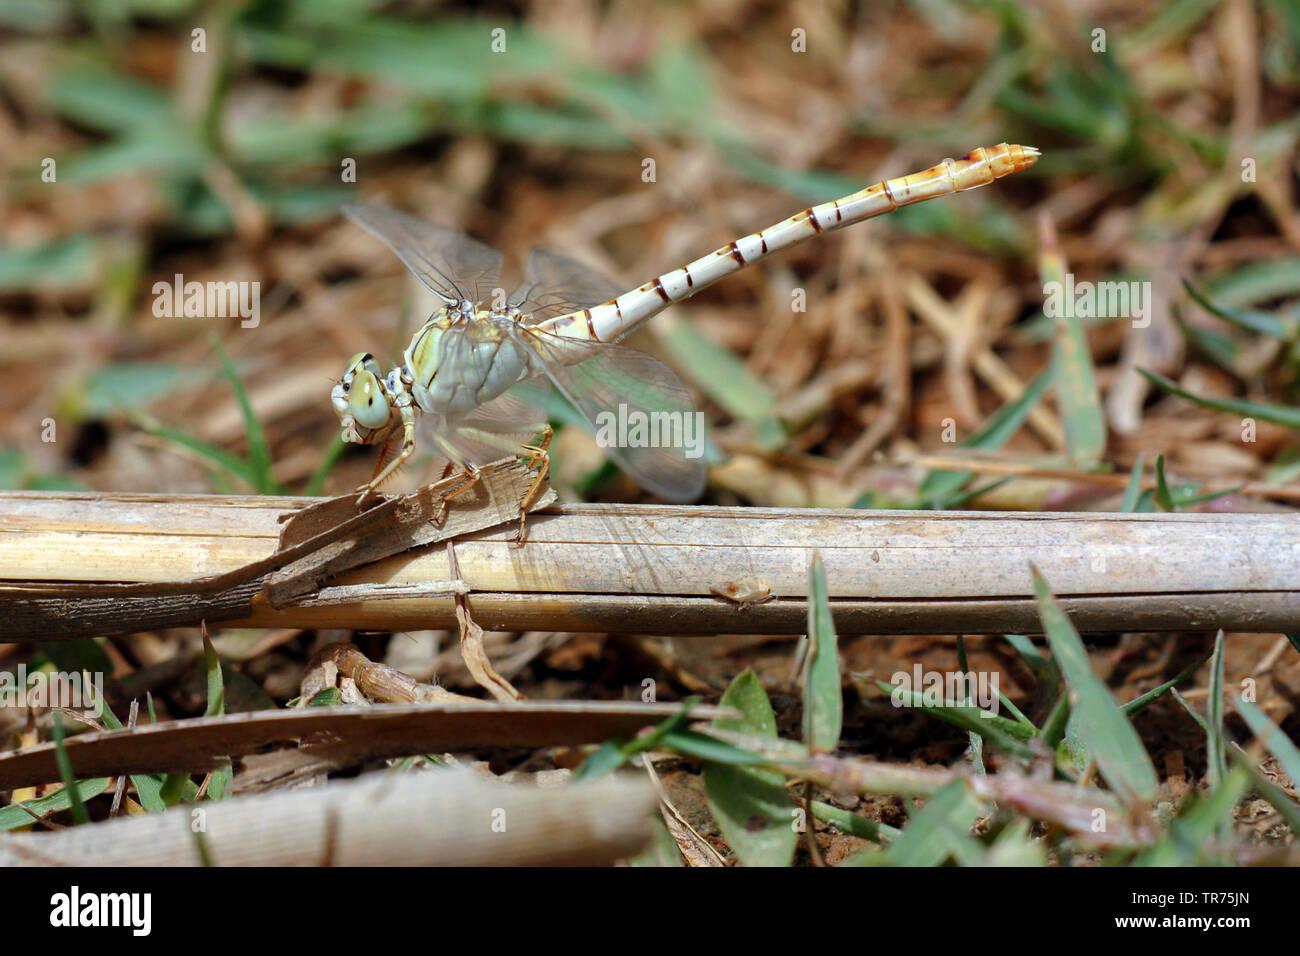 Zierliche Zangenlibelle (Onychogomphus flexuosus), Weibchen, Syrien   Waved pincertail (Onychogomphus flexuosus), female, Syria   BLWS498479.jpg [ (c) - Stock Image